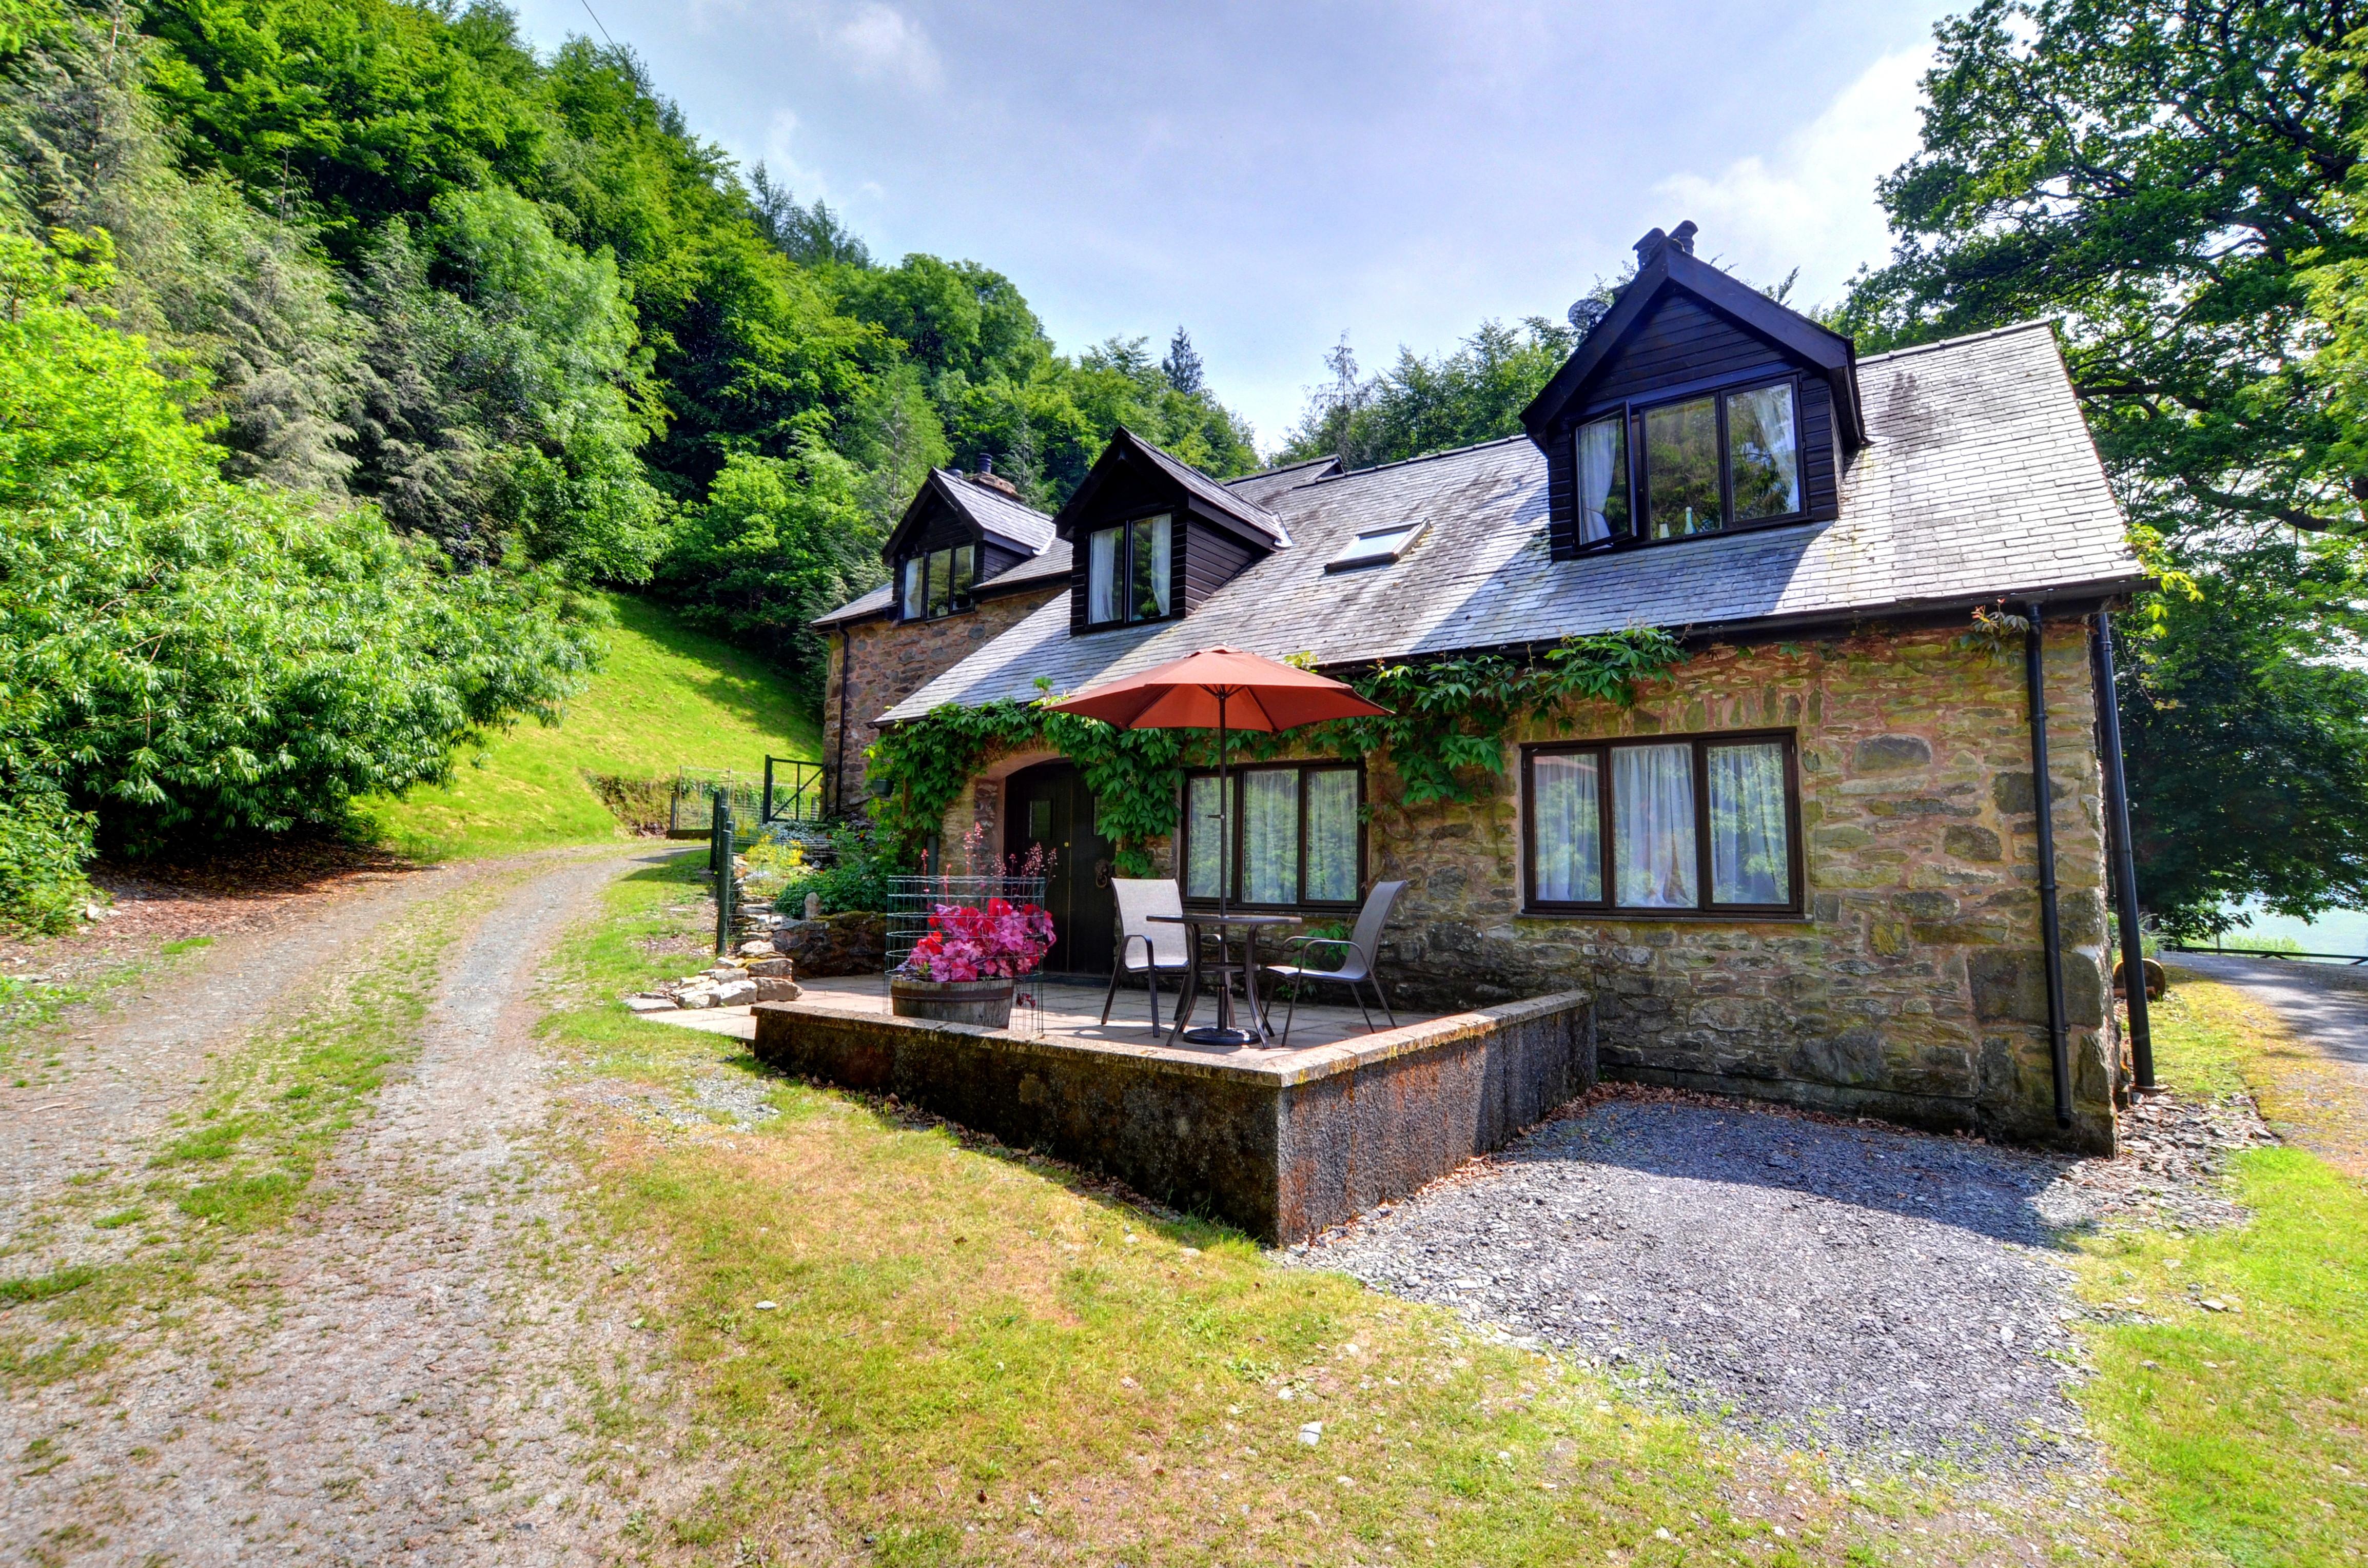 Ferienhaus in Cwm-Cewydd